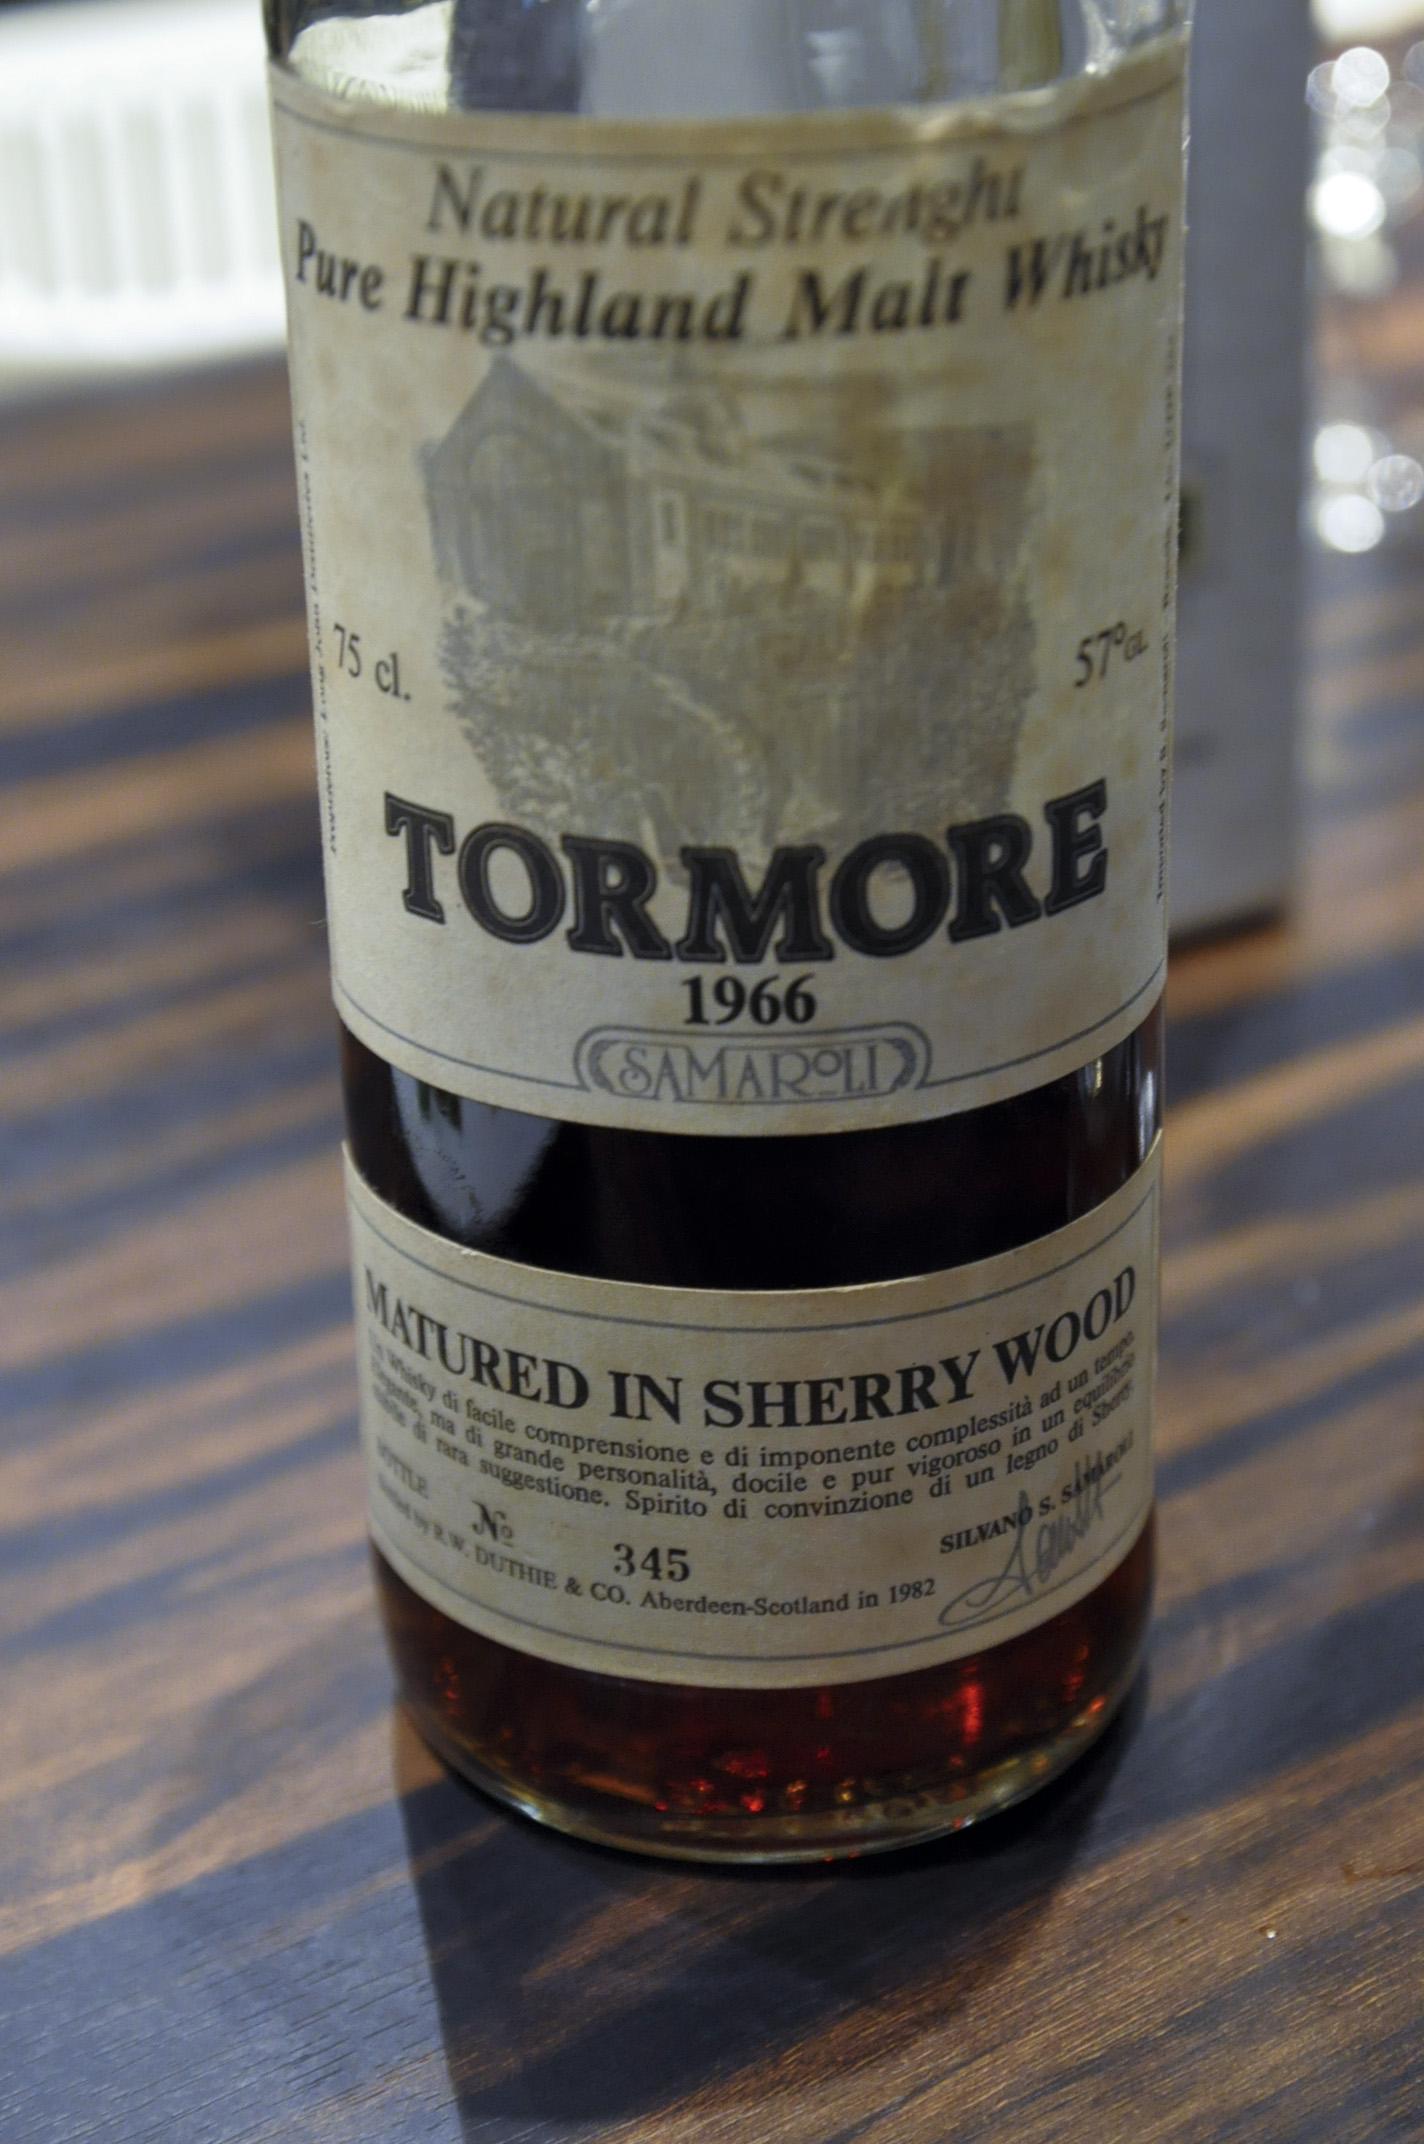 【BL/SC】トーモア Tormore 16yo 1966/1982 (57%, Samaroli, Sherry Wood, Btl no.345) Silver Screw Cap